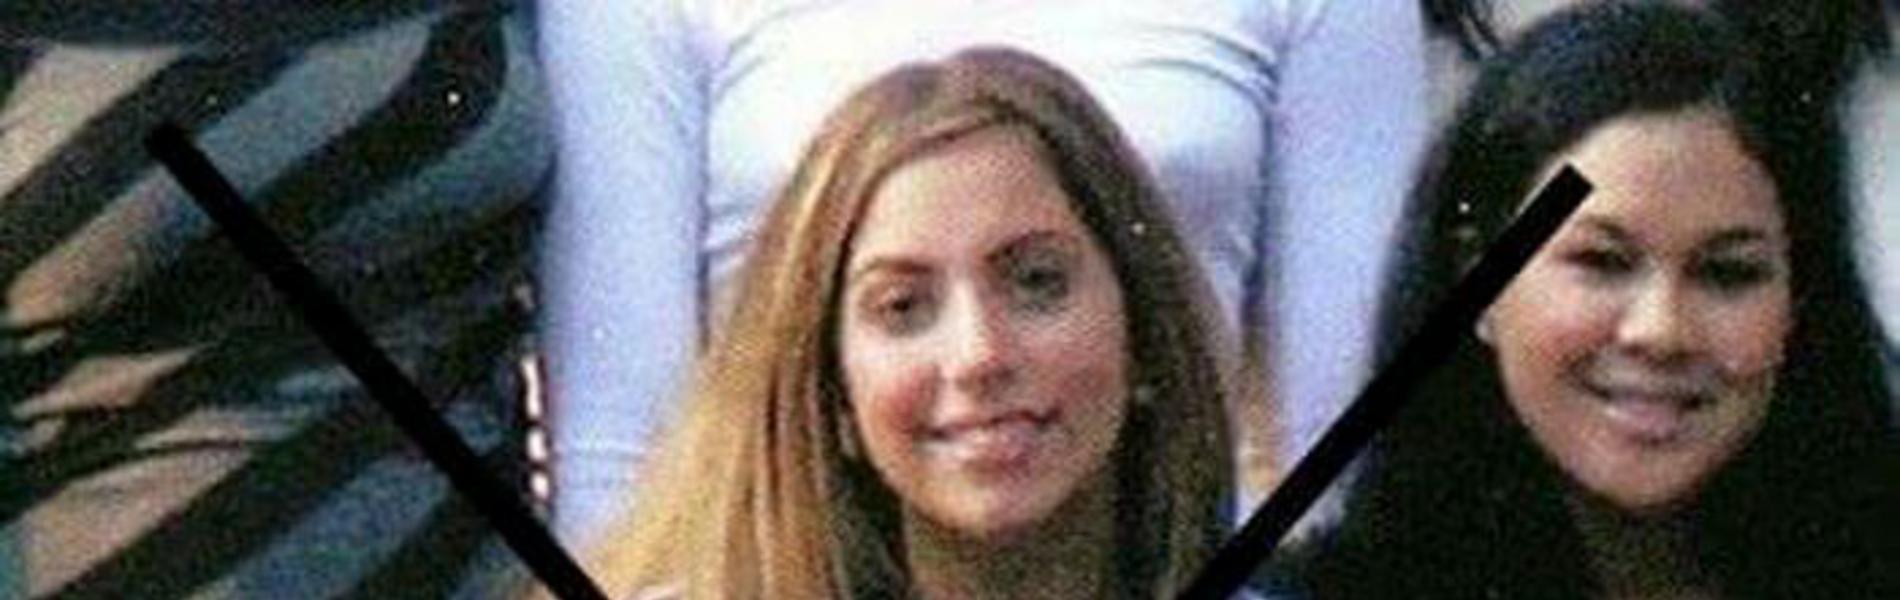 קבוצת הפייסבוק המחתרתית שניסתה להכשיל את ליידי גאגא